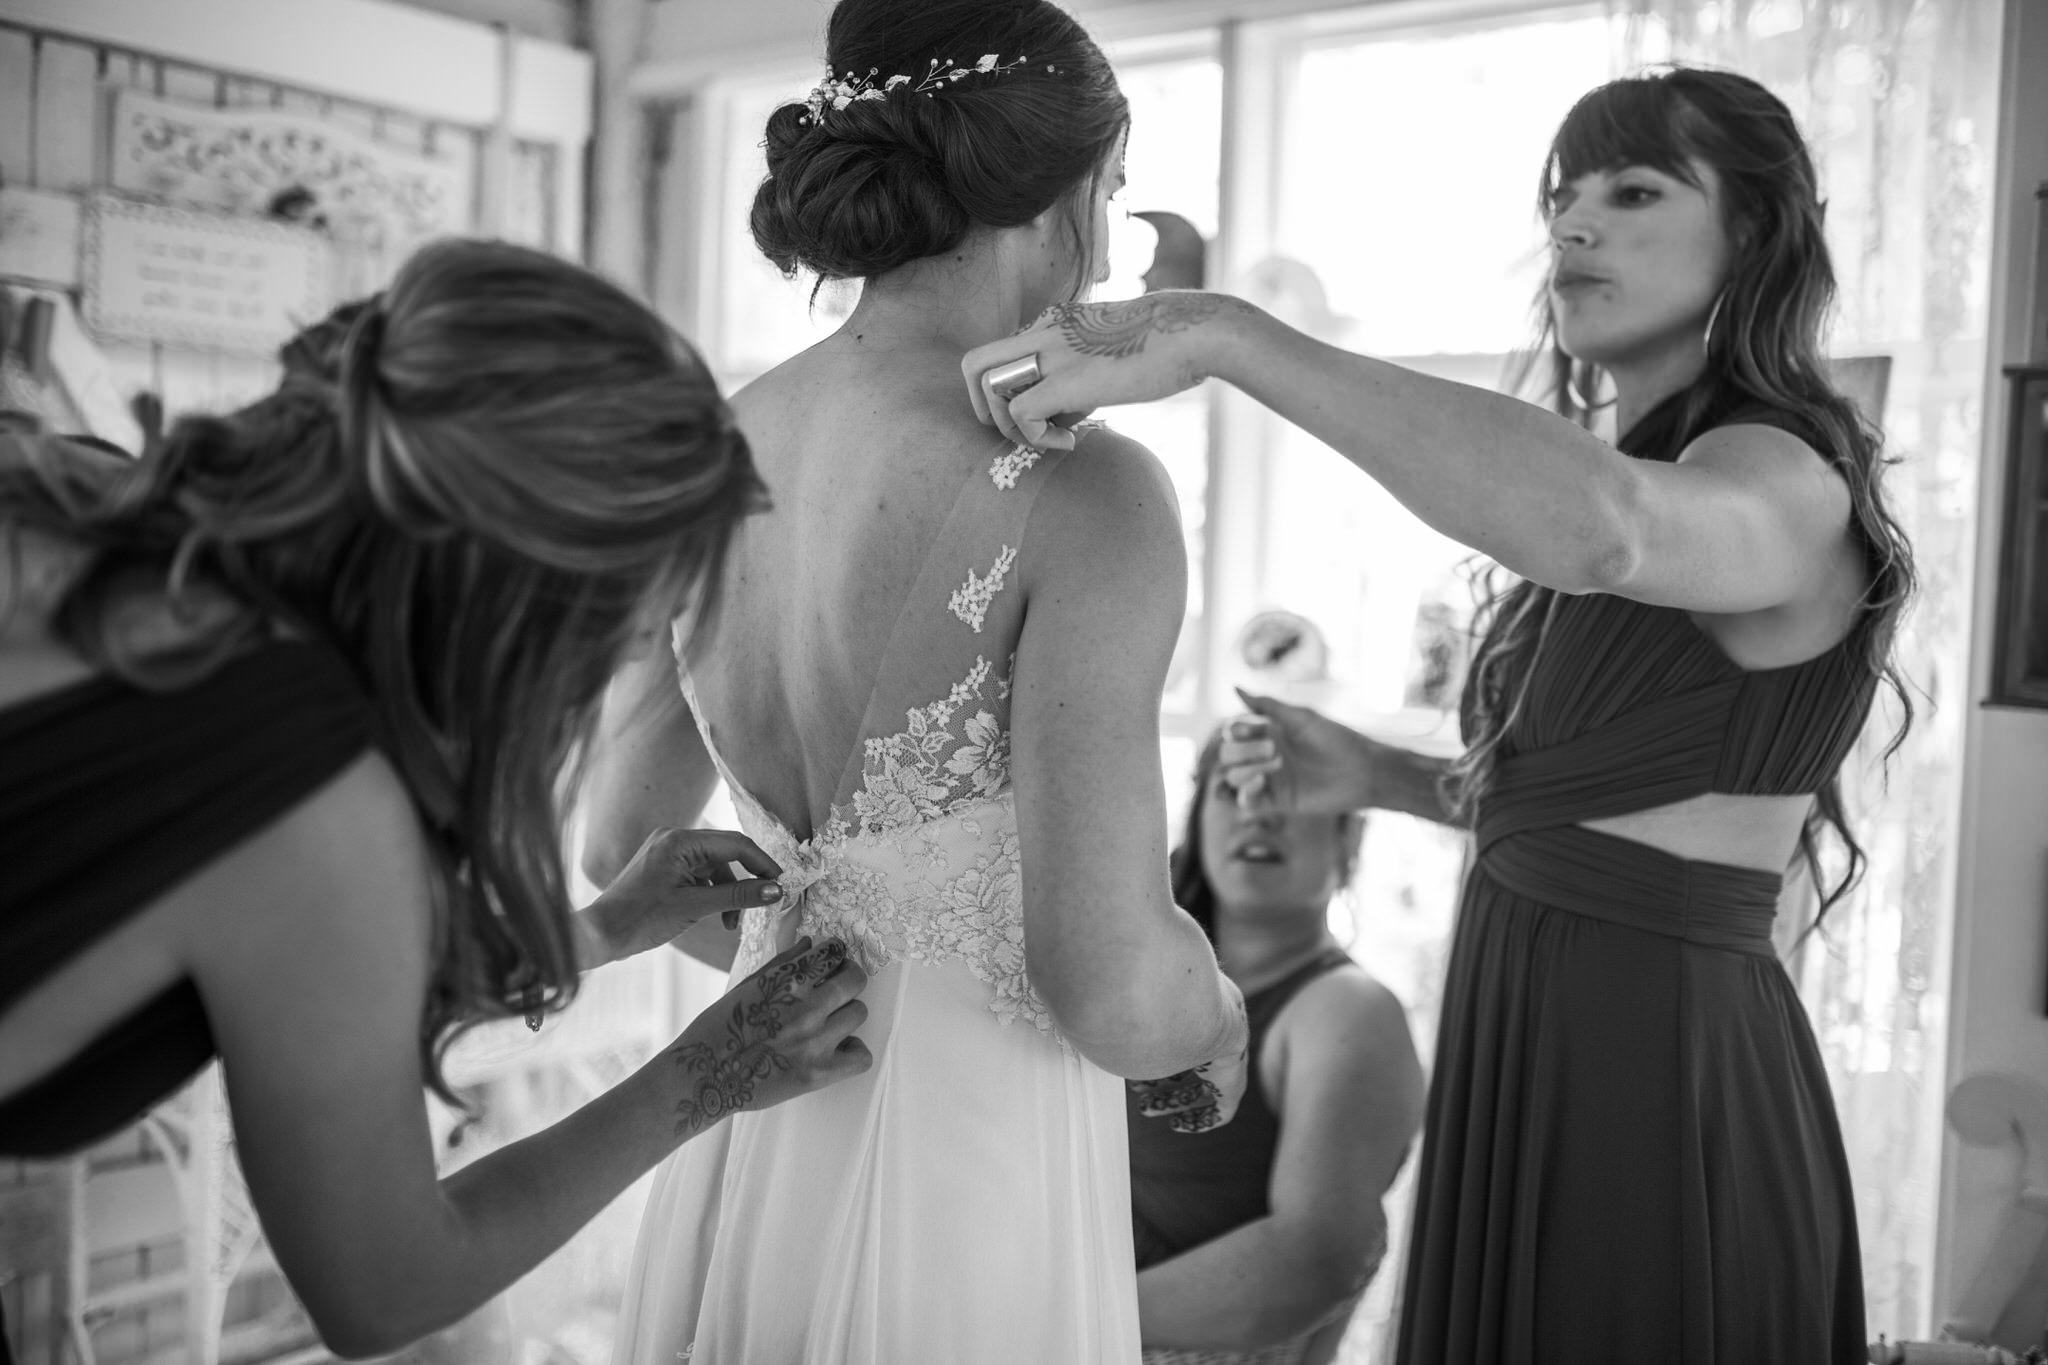 Northview Gardens Wedding - dressing the bride